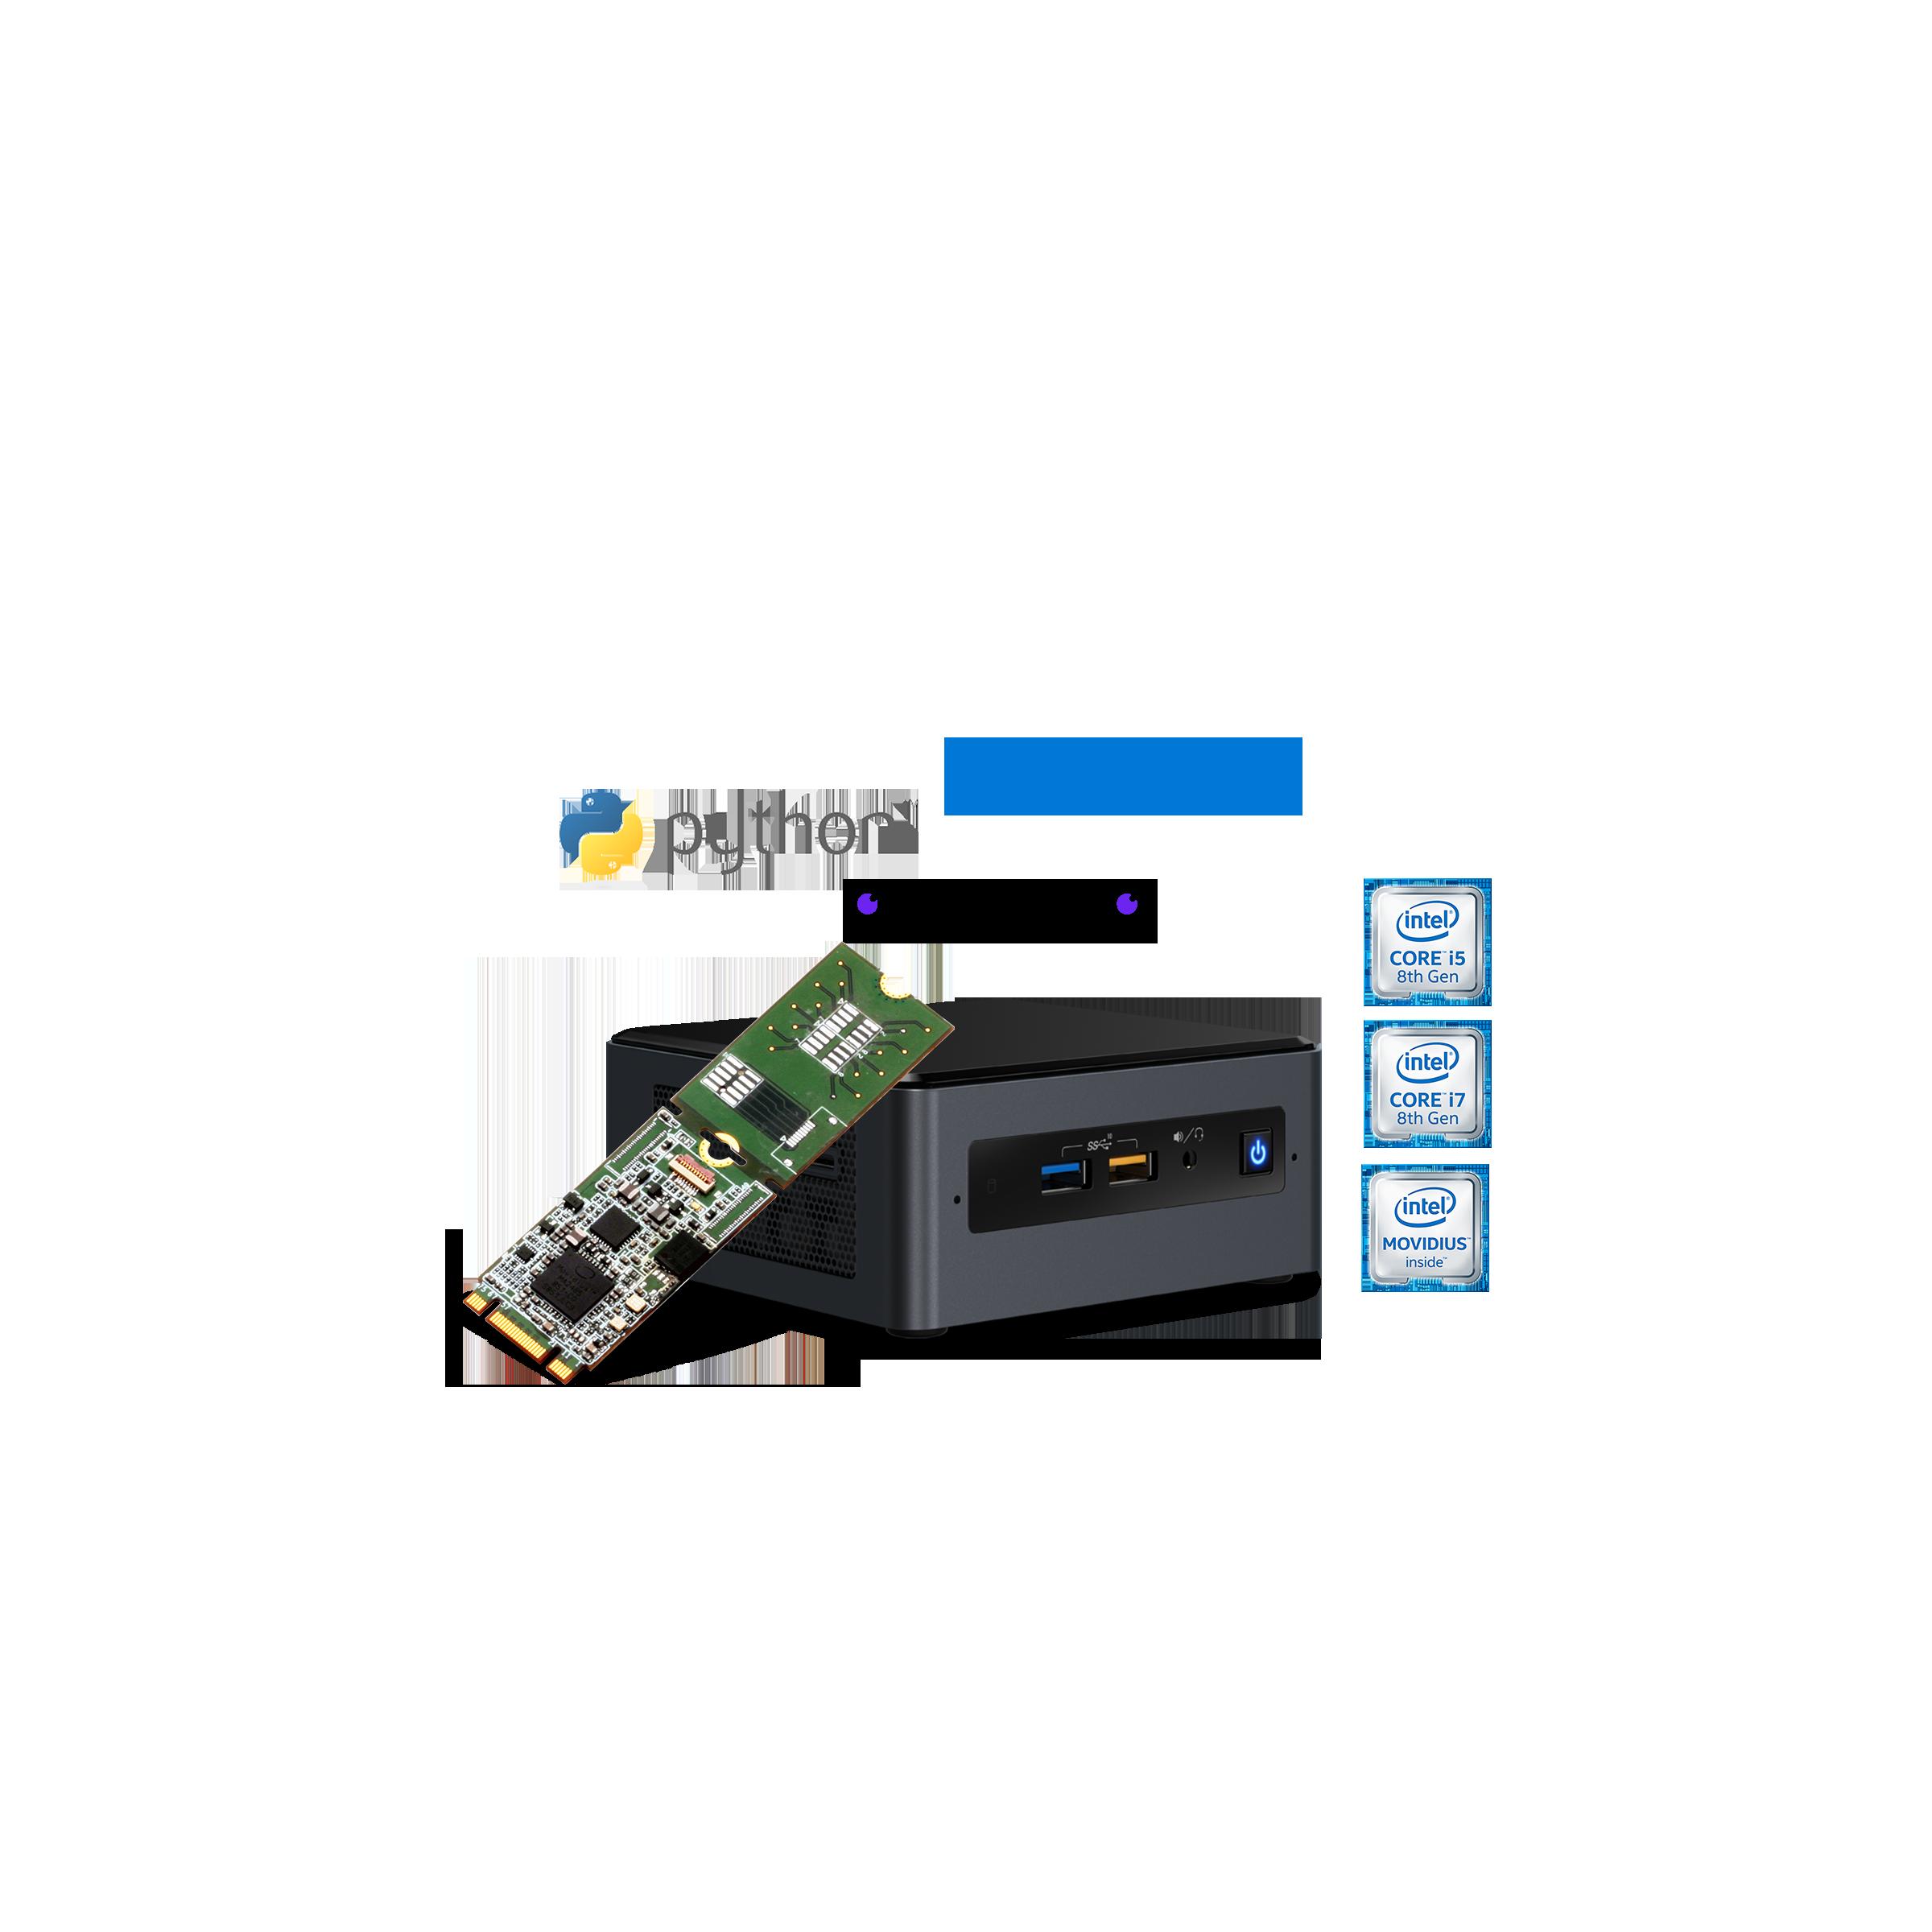 AI on PC development kit for the Intel NUC Mini PC